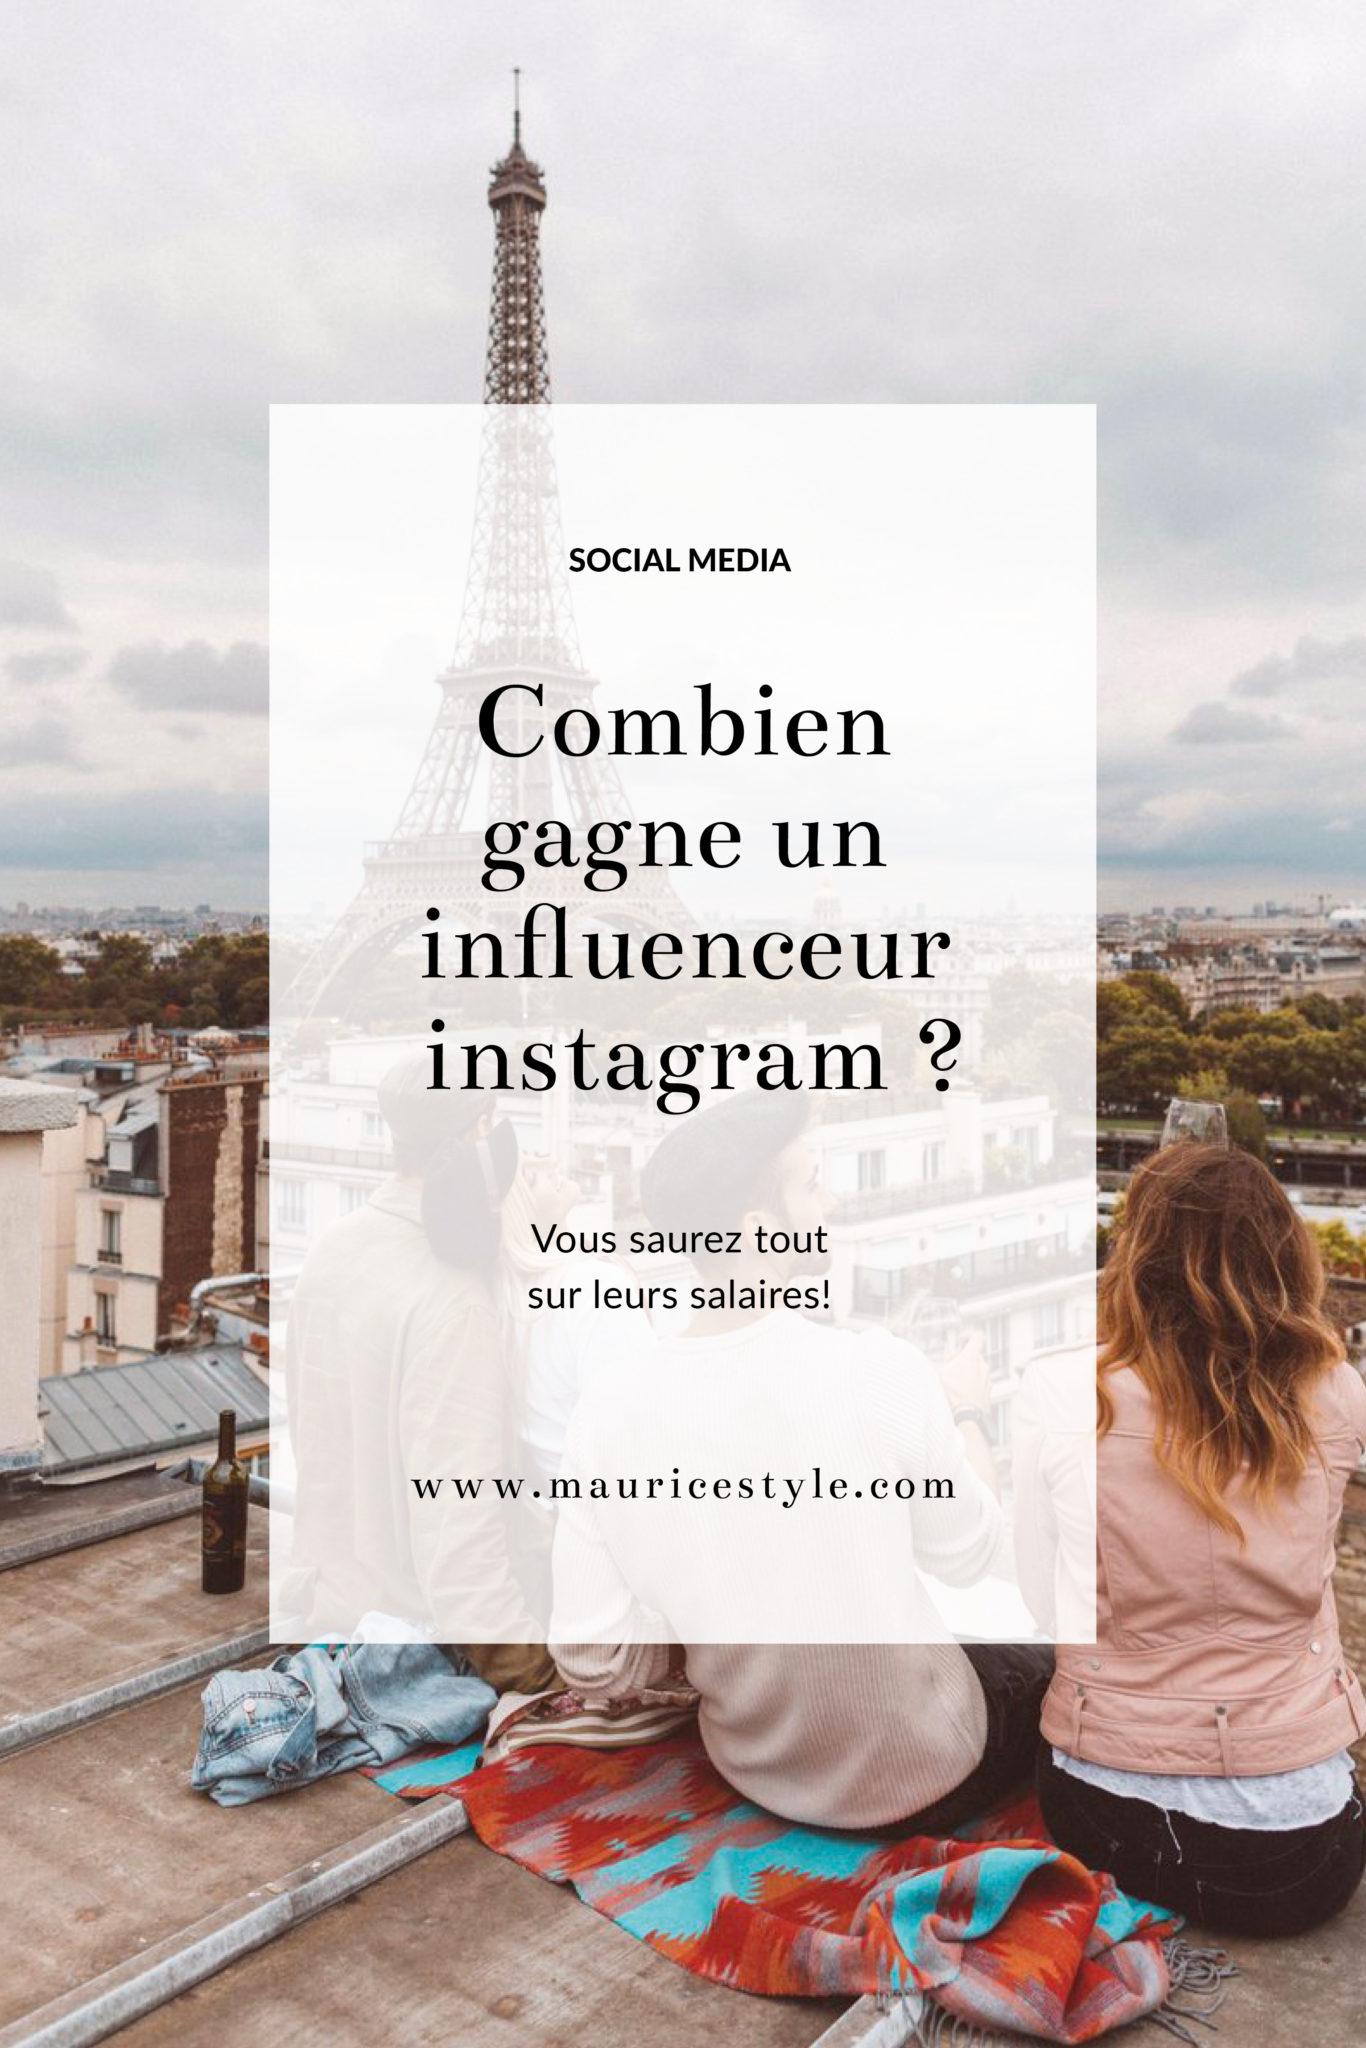 Dans cet article vous découvrirez combien gagne un influenceur sur Instagram ! Vous saurez tout du salaire des blogueurs en fonction de leurs nombres d'abonnés / followers !